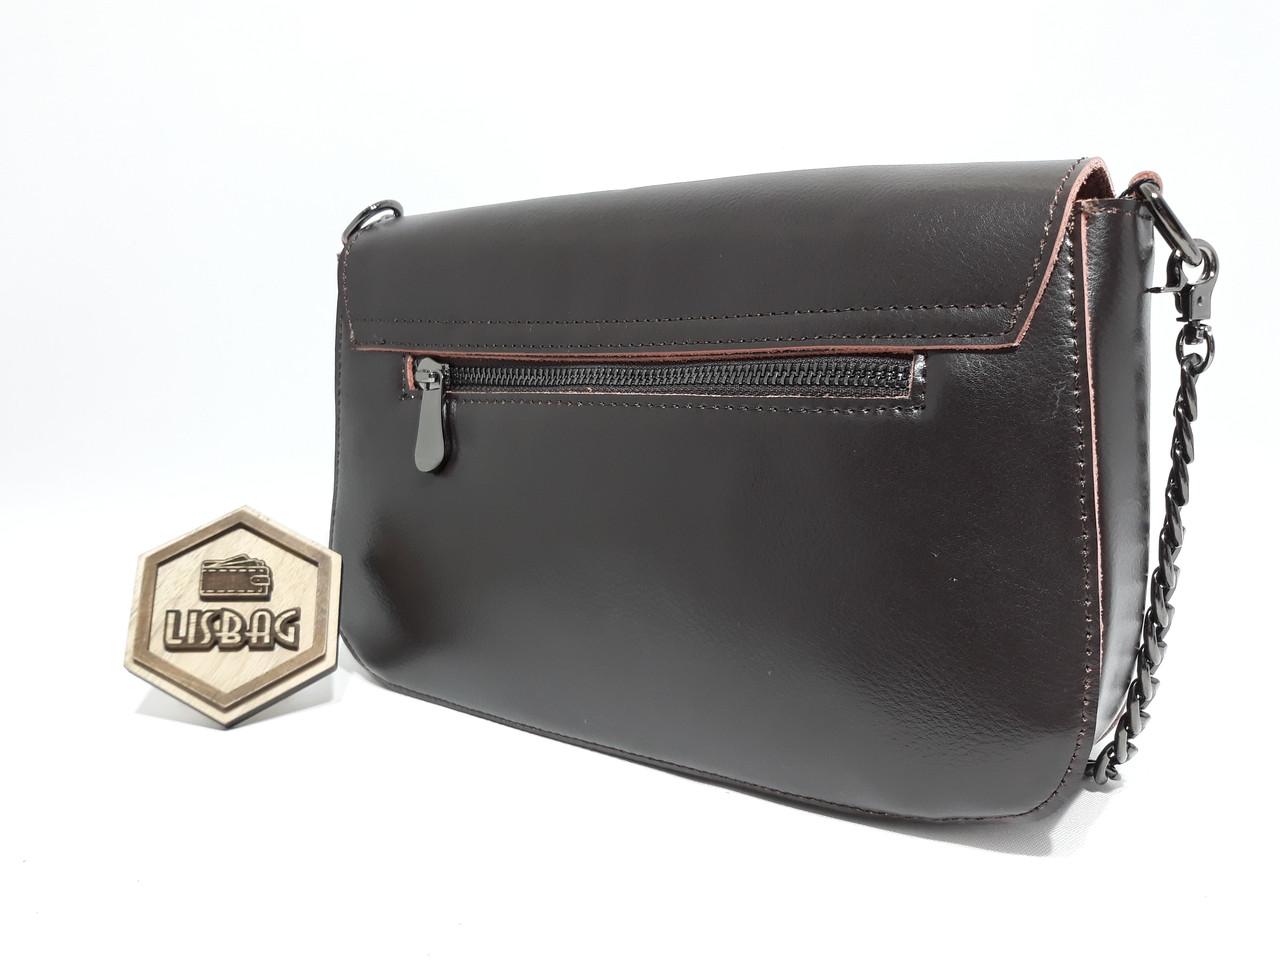 1aa988fcb3de ... Кожаная сумка с минимальным, приятным дизайном в темно-коричневом  (шоколадном) цвете, ...